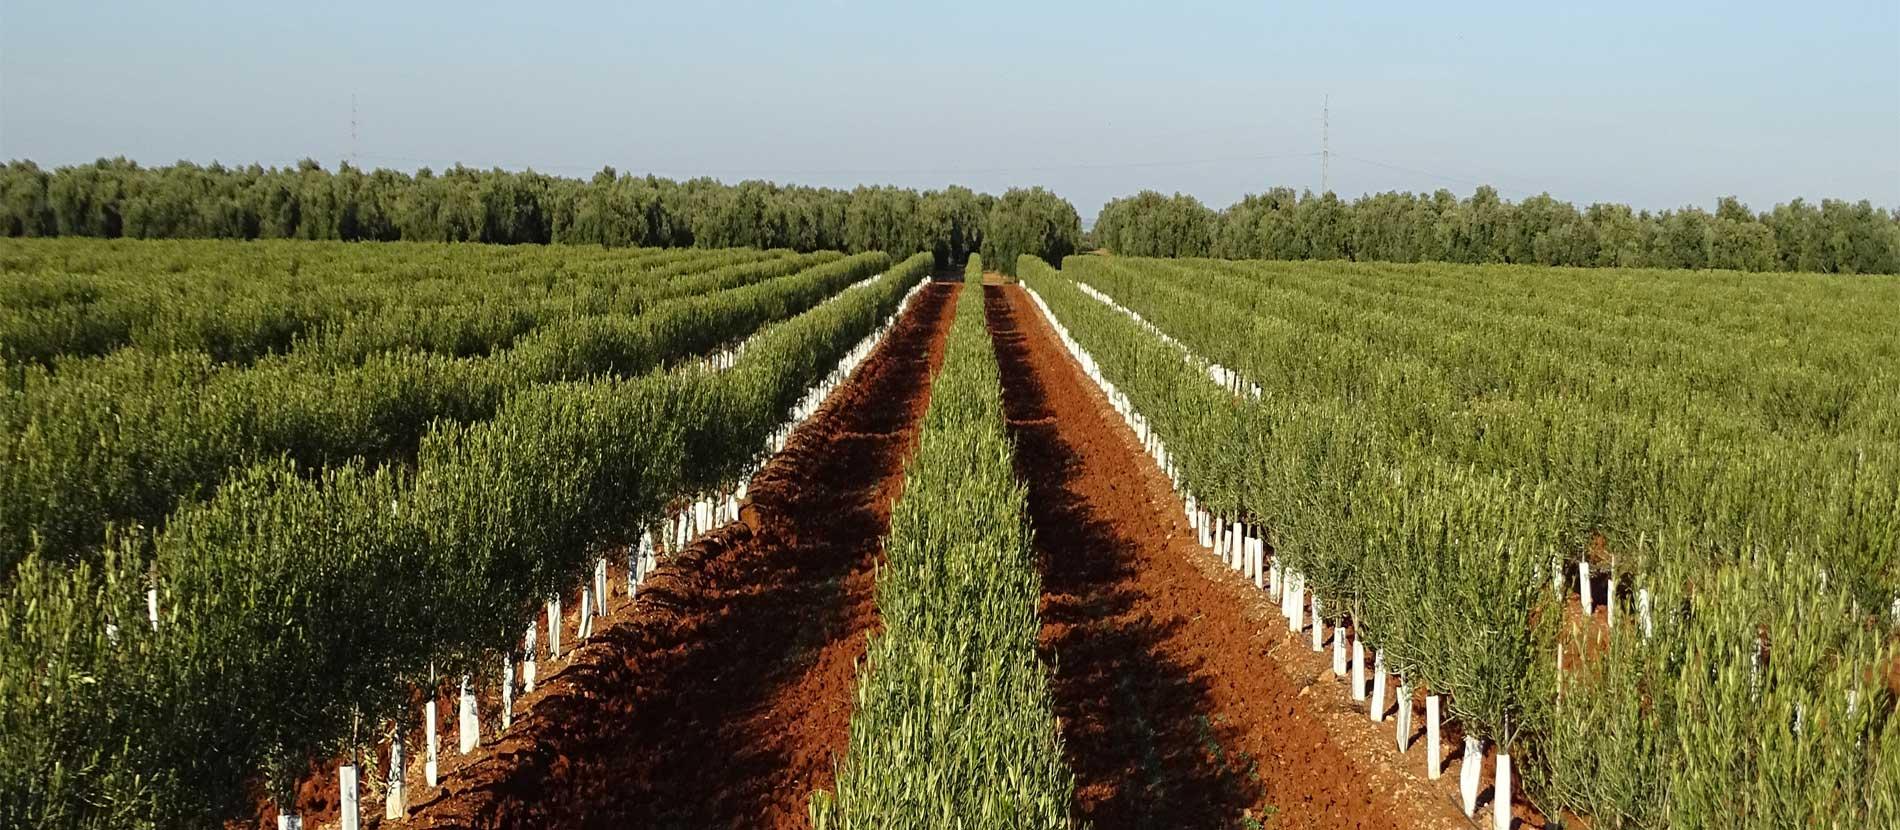 Asesoramiento para plantaciones de olivos